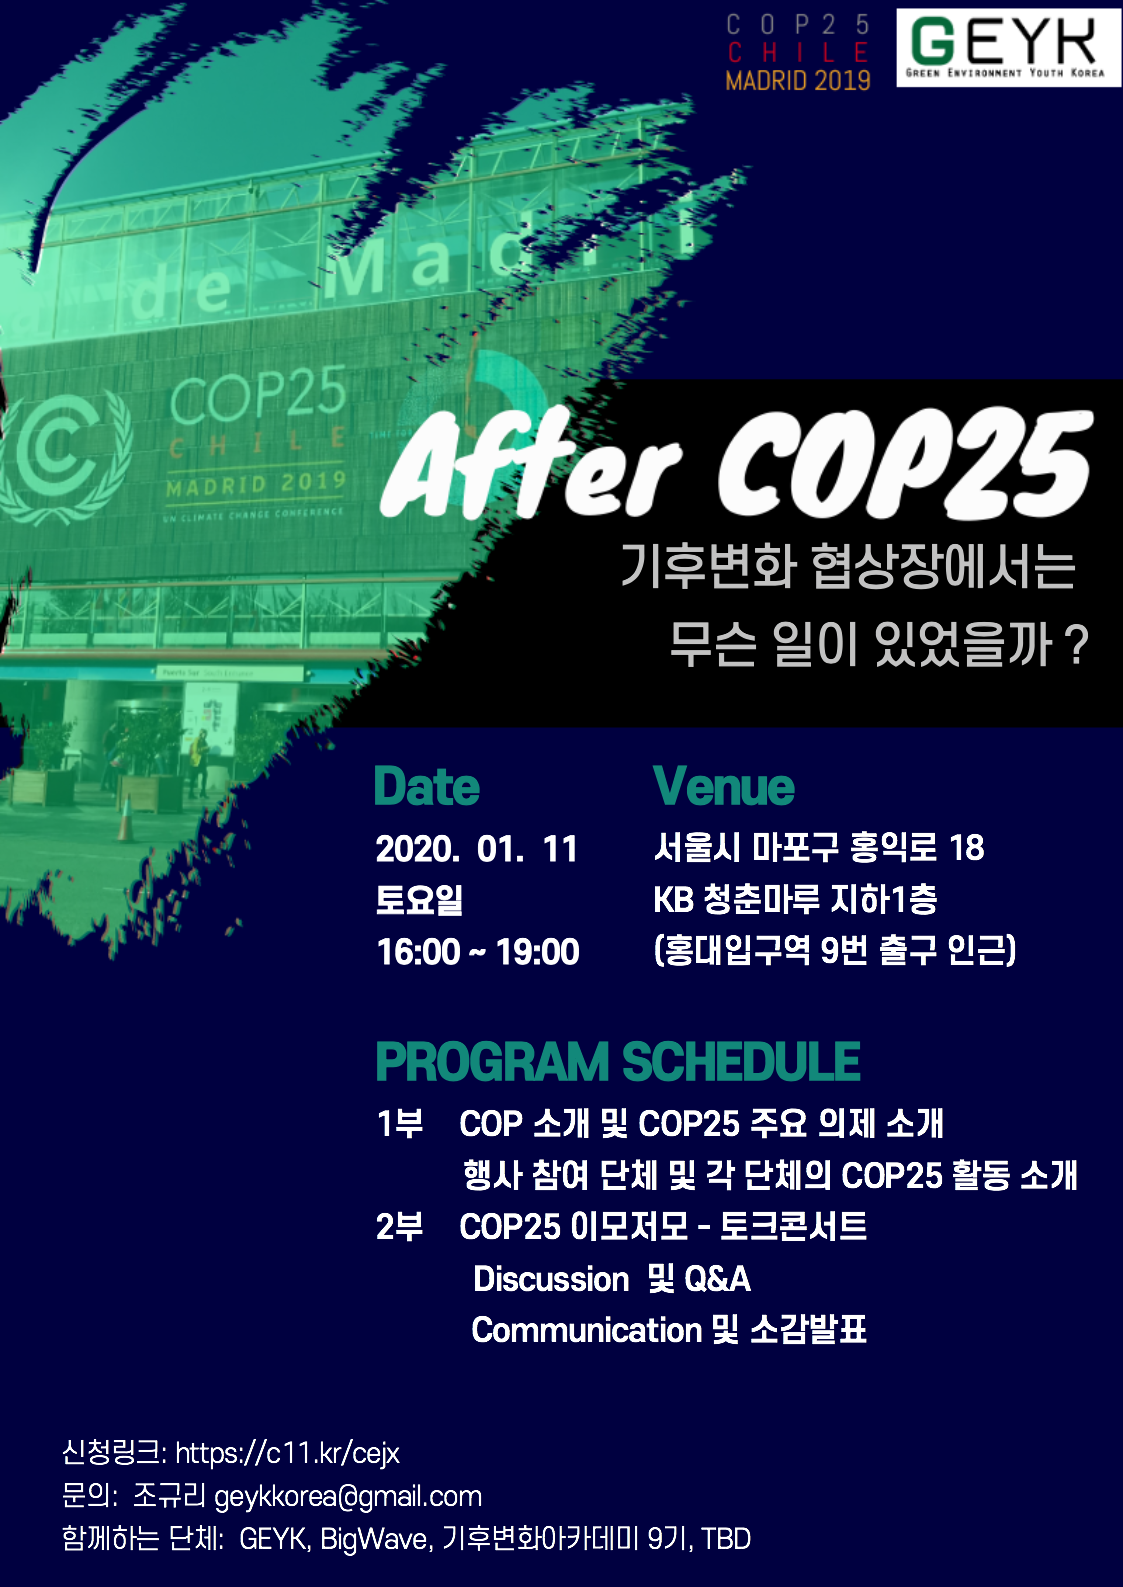 AfterCOP25 청년토크쇼